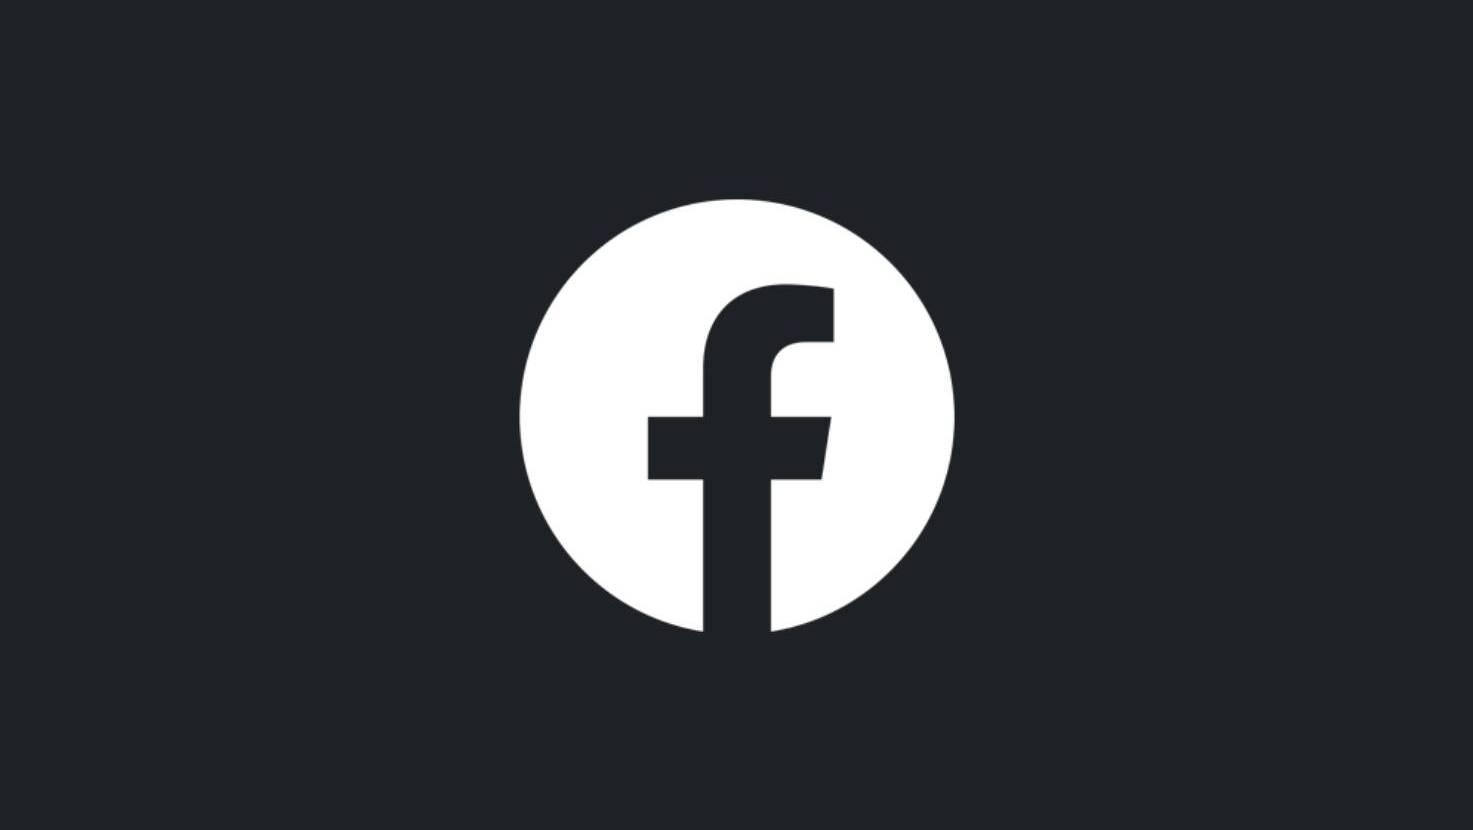 Aplikace Facebook se dočká tmavého režimu, konečně